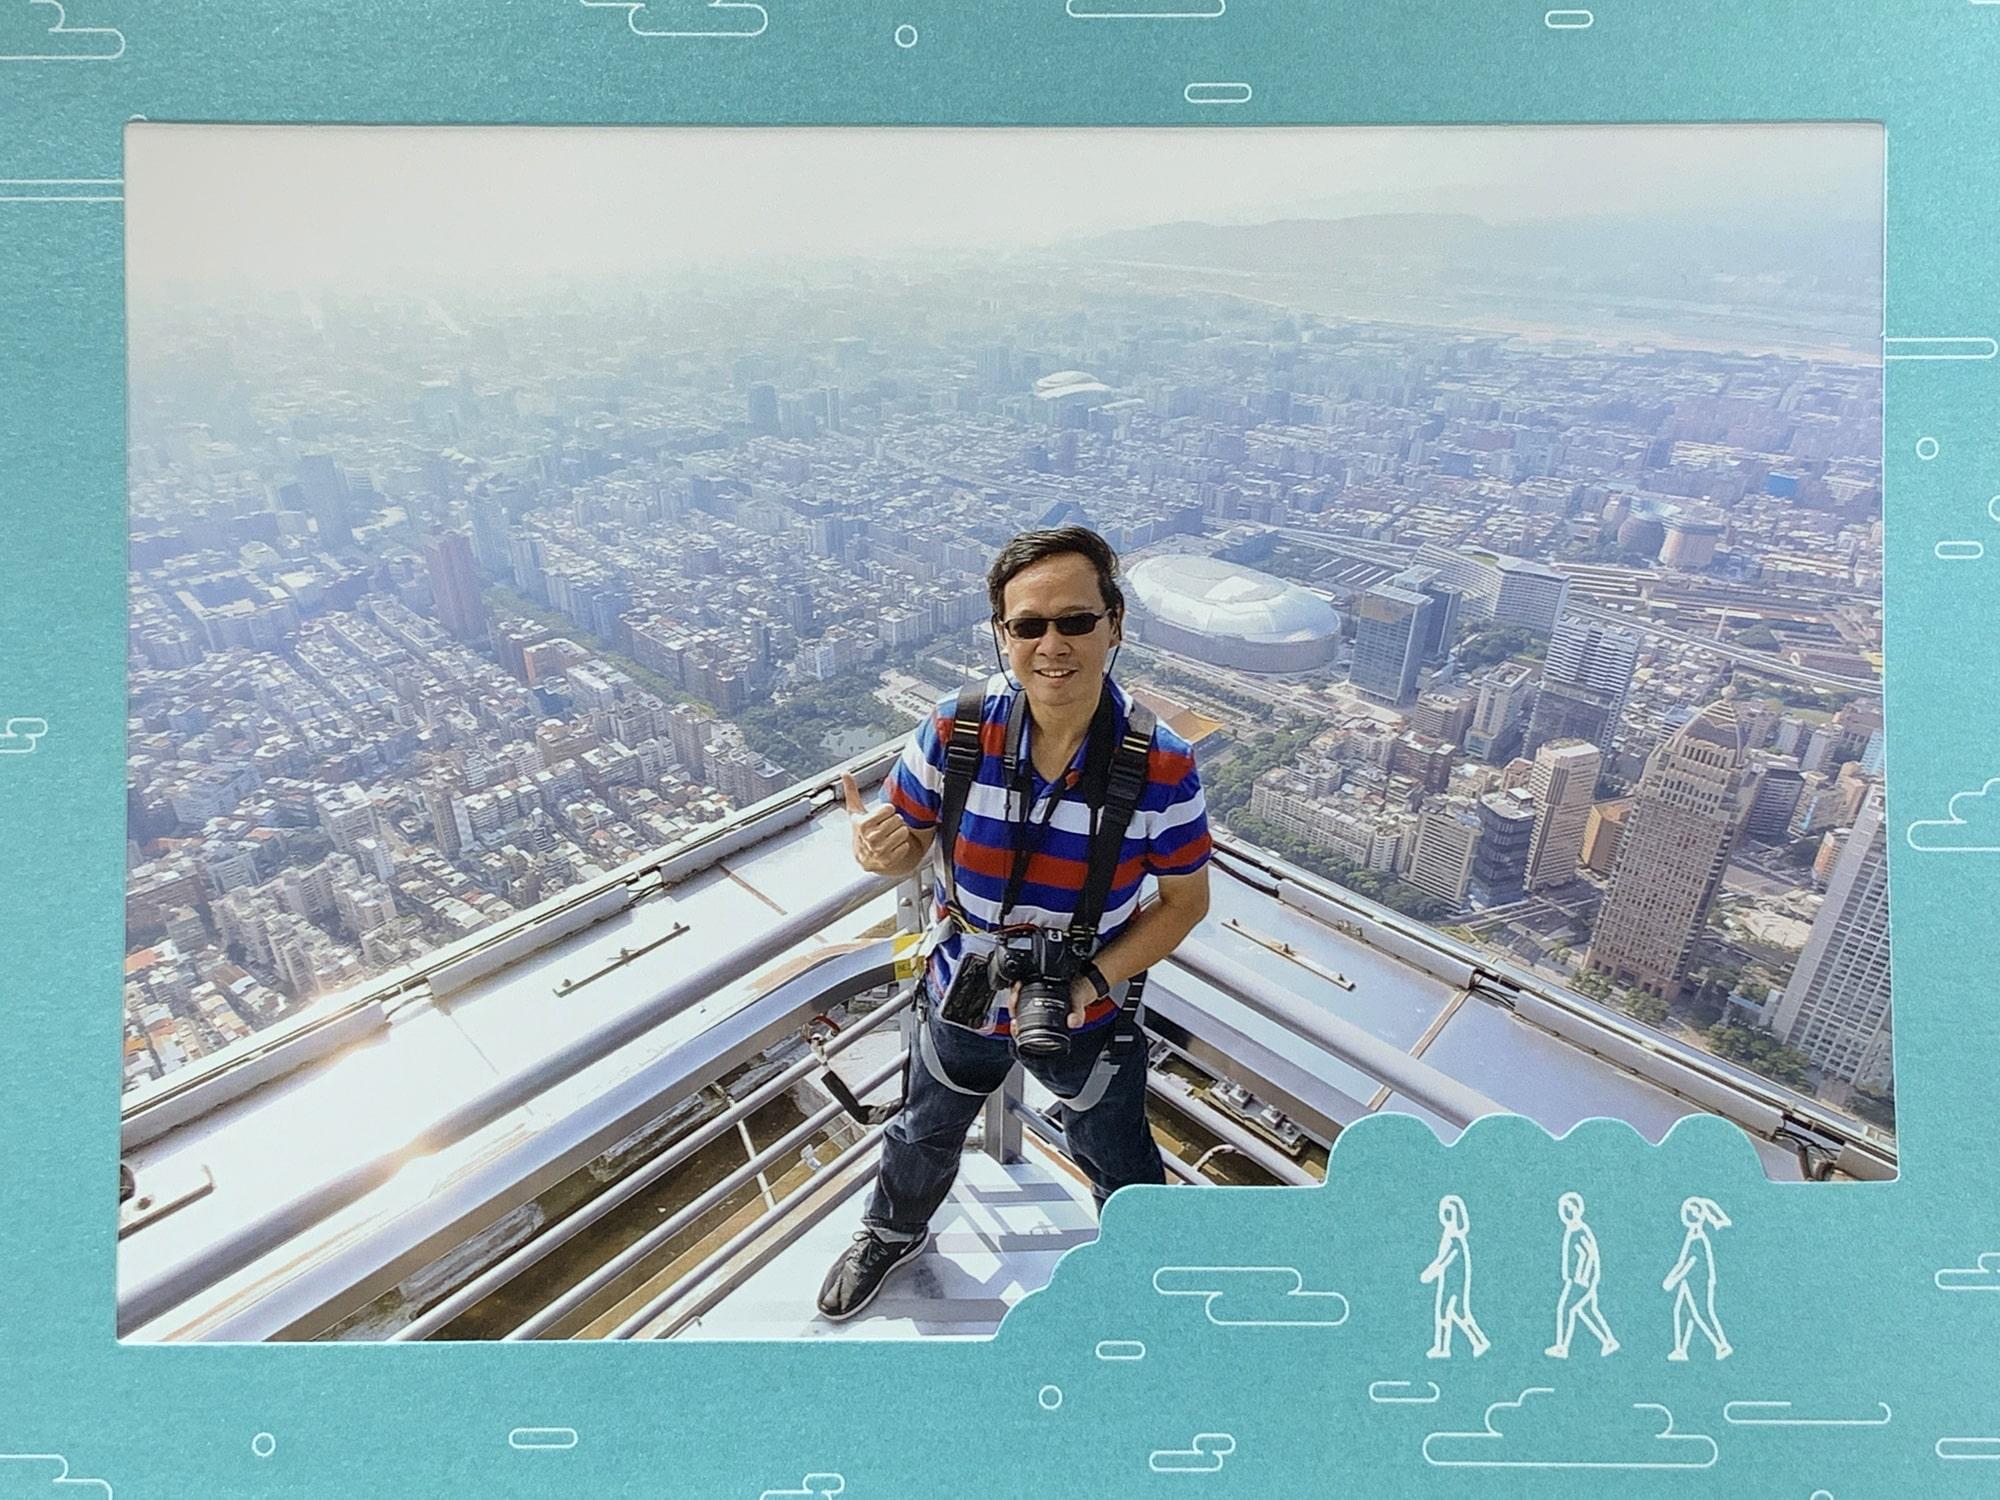 台北101漫步雲端Skyline戶外天際線 門票資訊